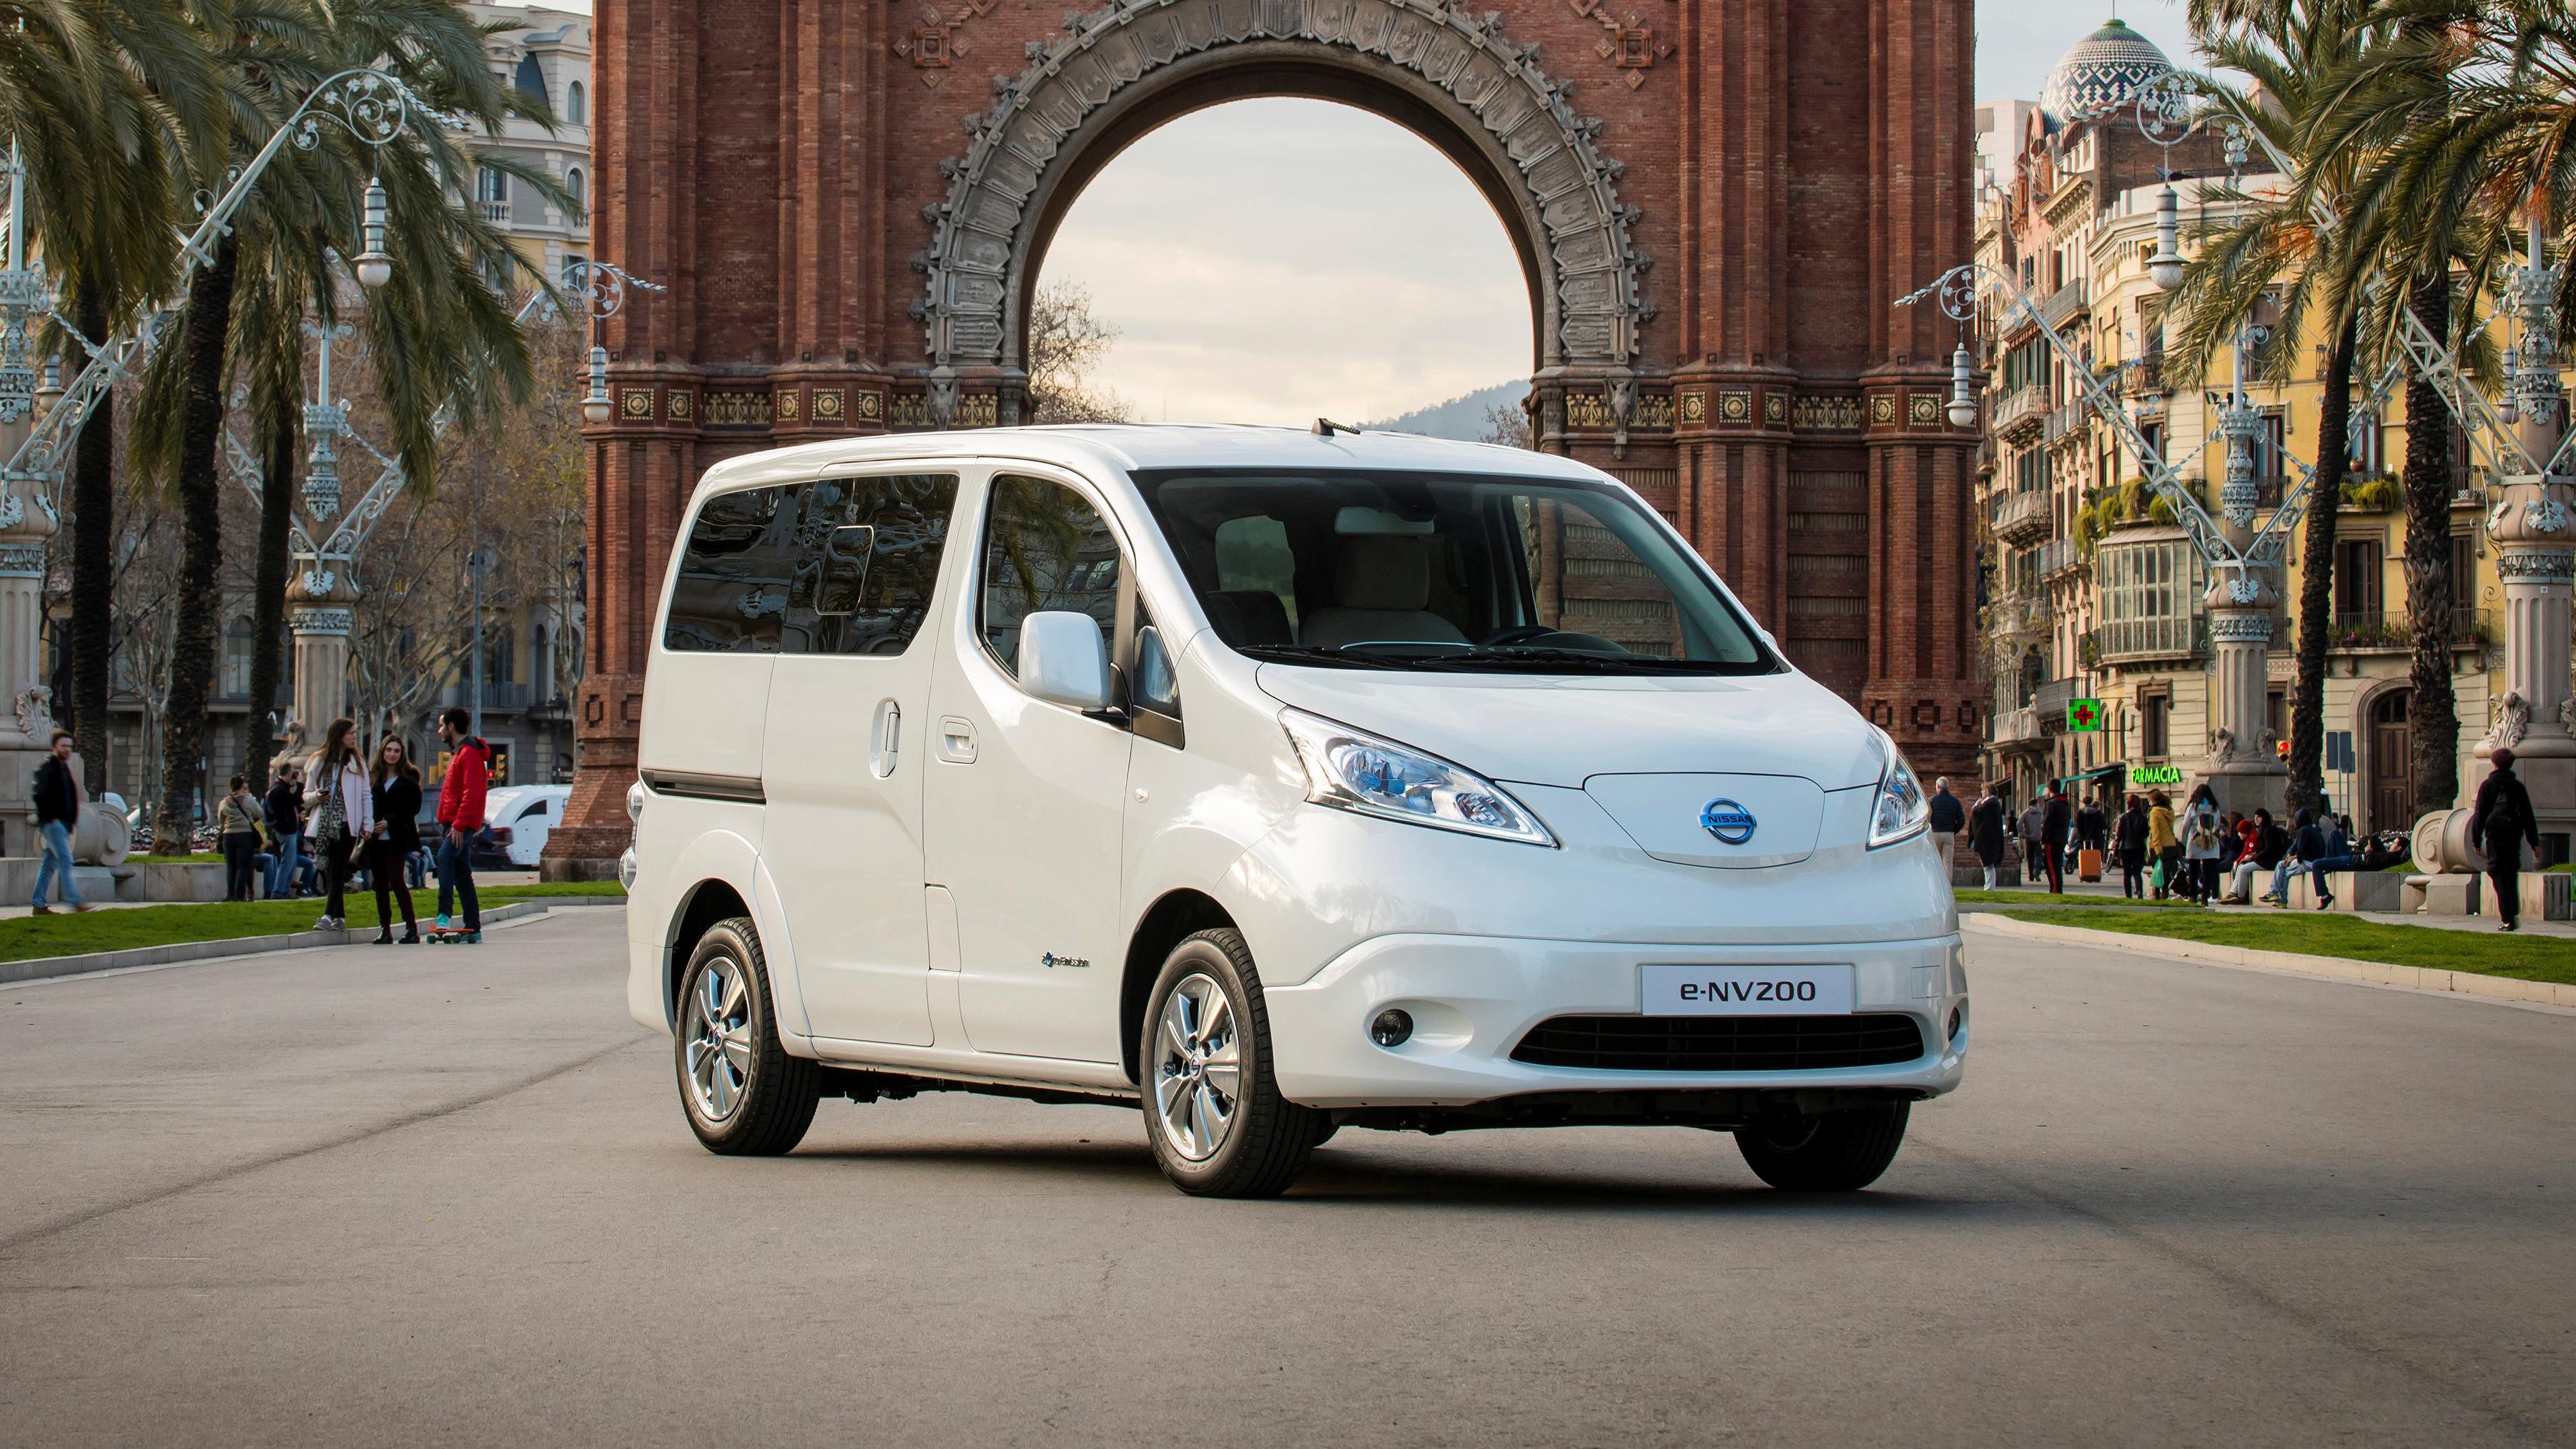 Nissan e-NV200: 40 kWh Batterie und 280 km Reichweite bestätigt